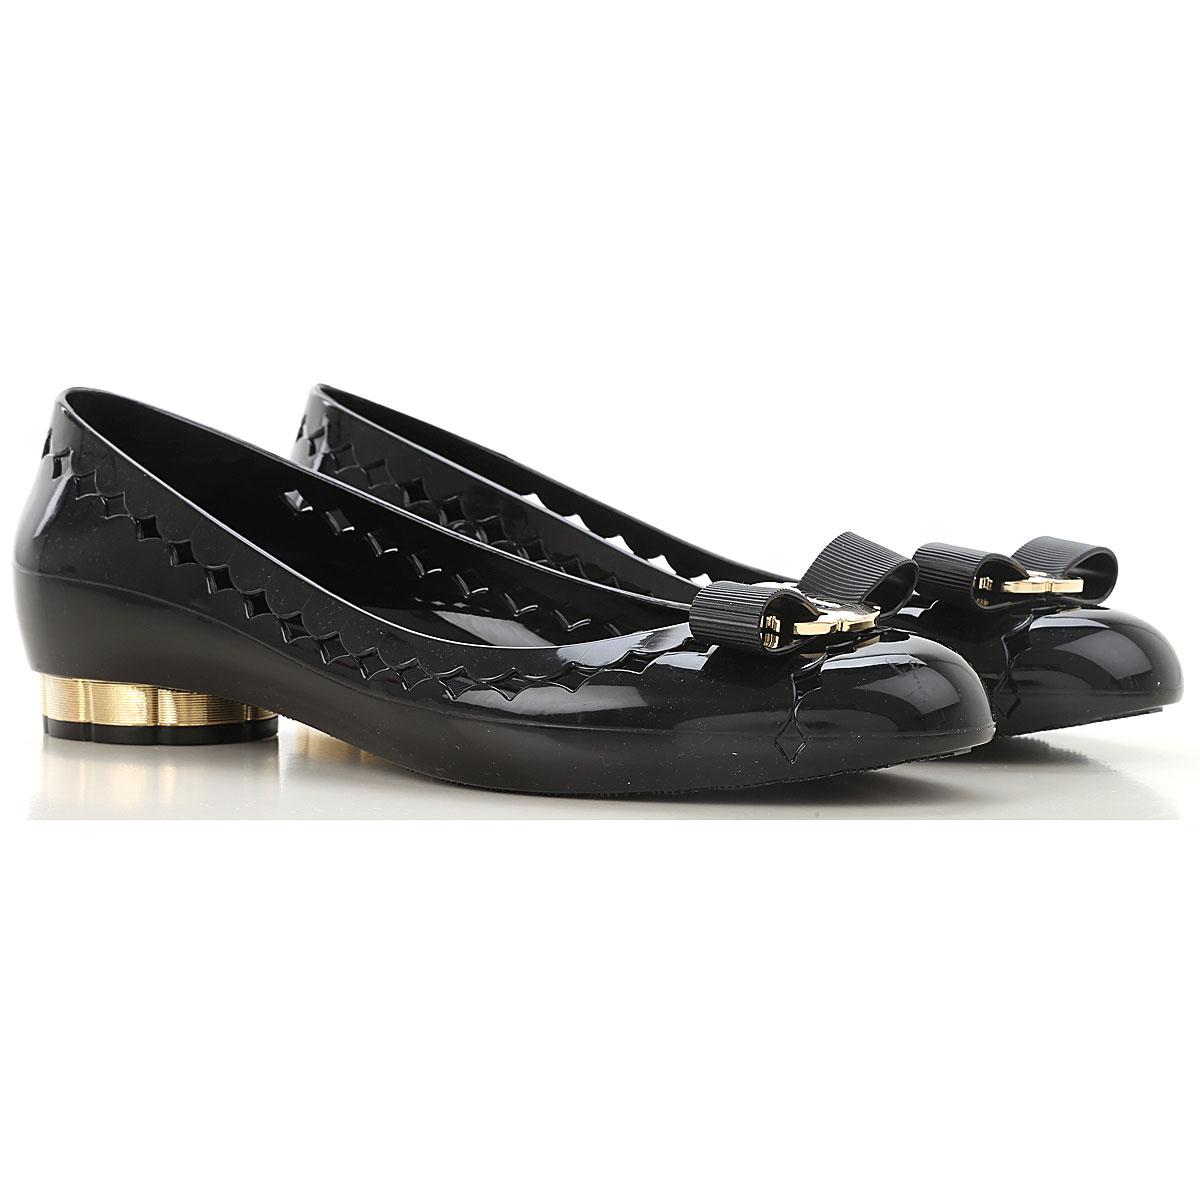 b38f225e442fd Womens Shoes Salvatore Ferragamo, Style code: 688557-jelly-nero